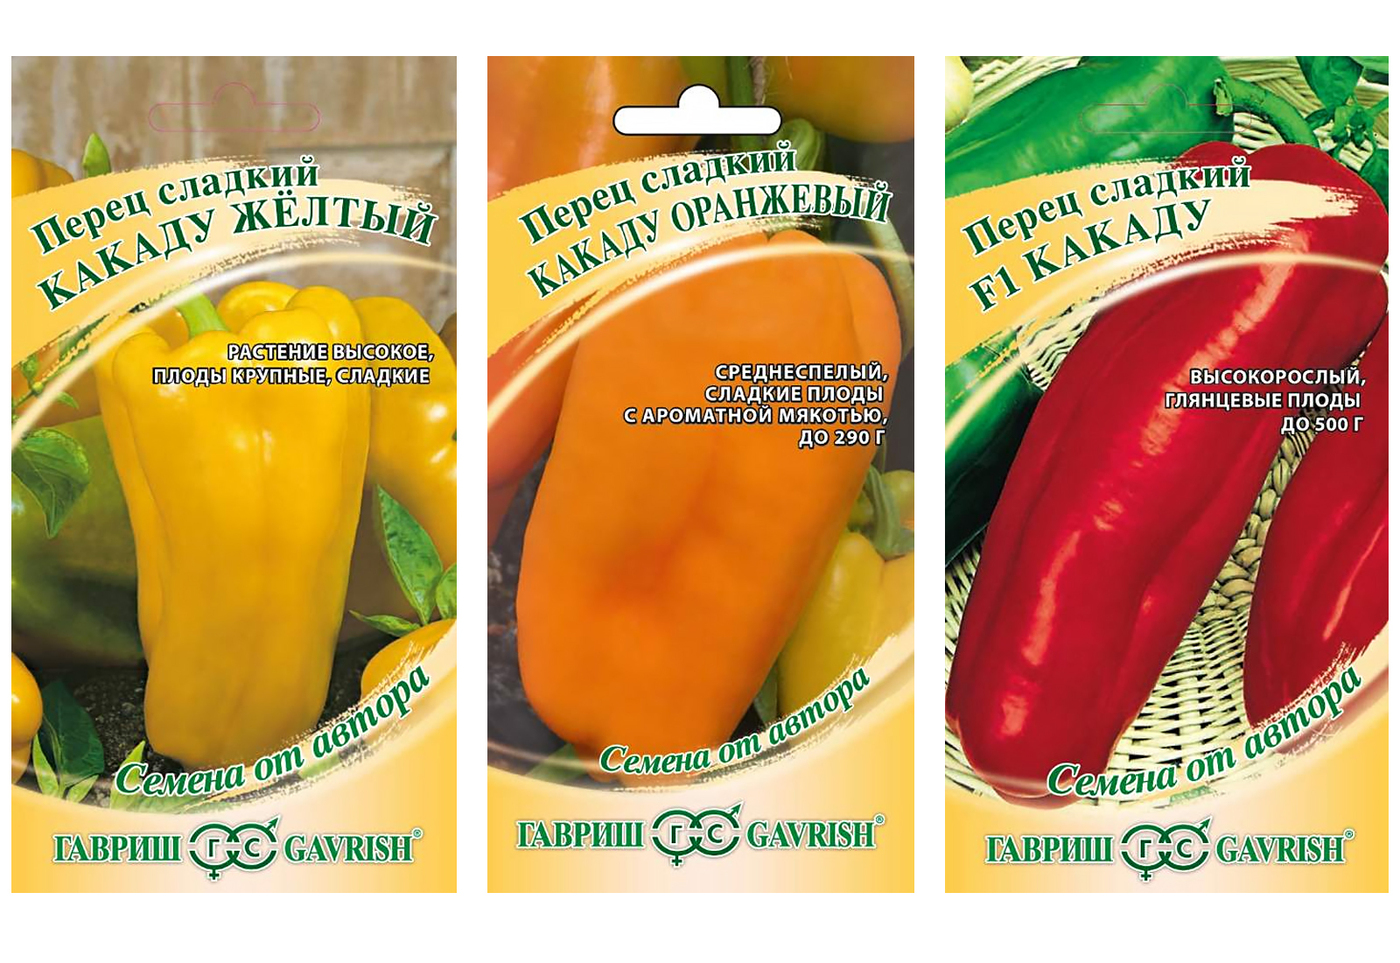 Яркий гибрид перца какаду: описание и выращивание